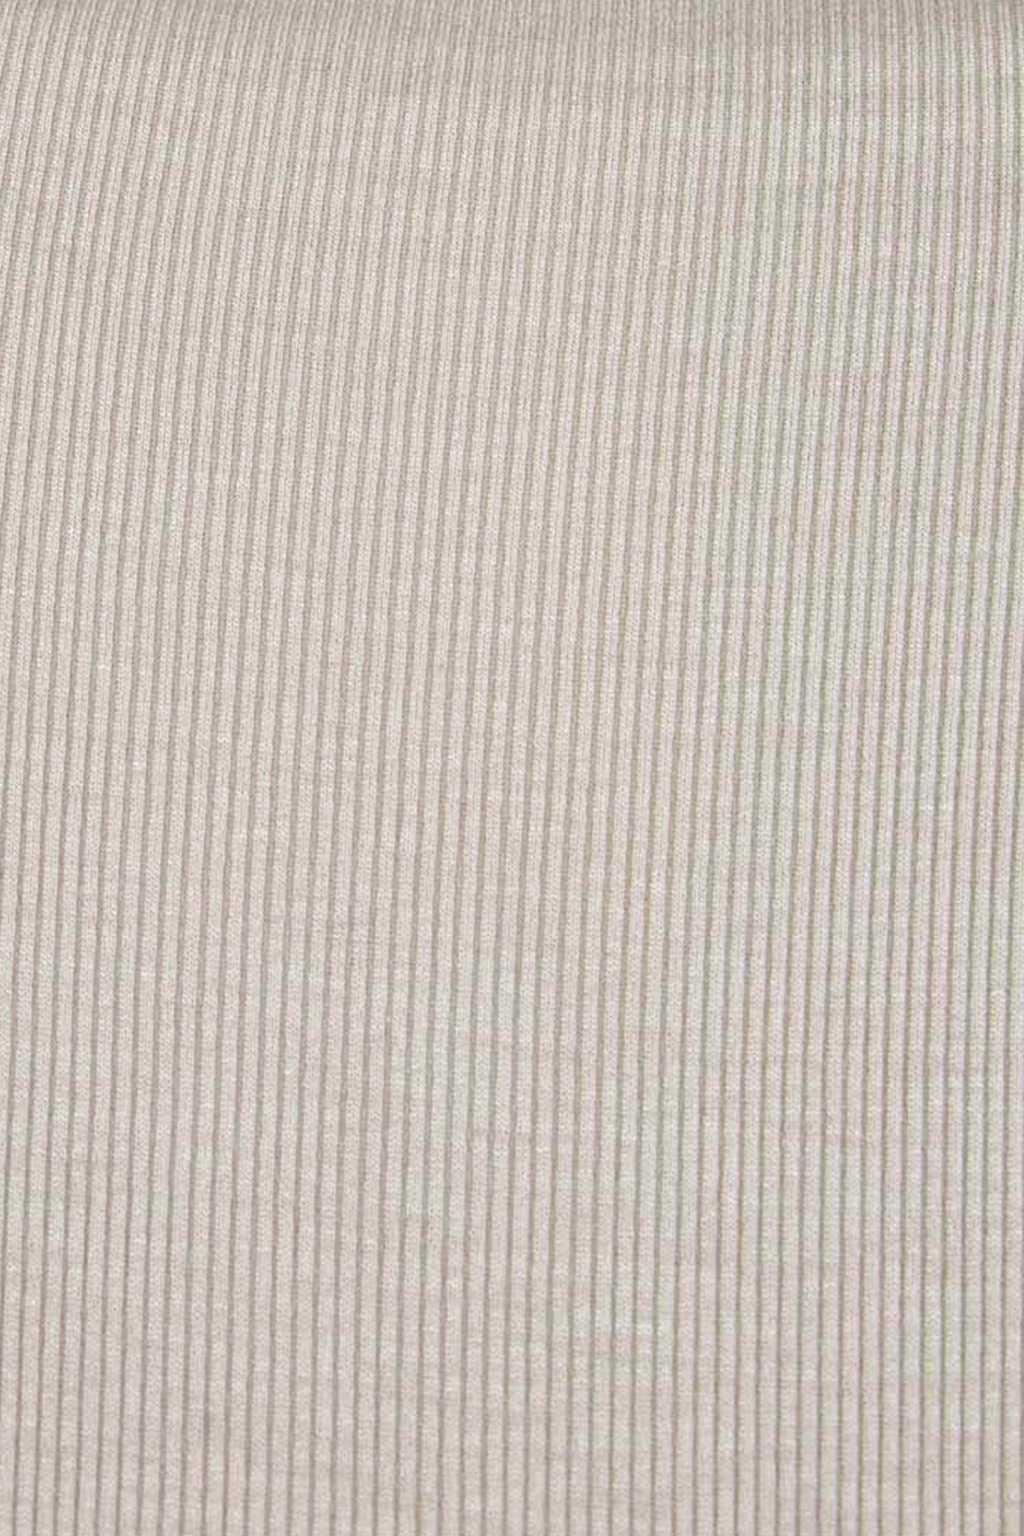 TShirt H539 Cream 8